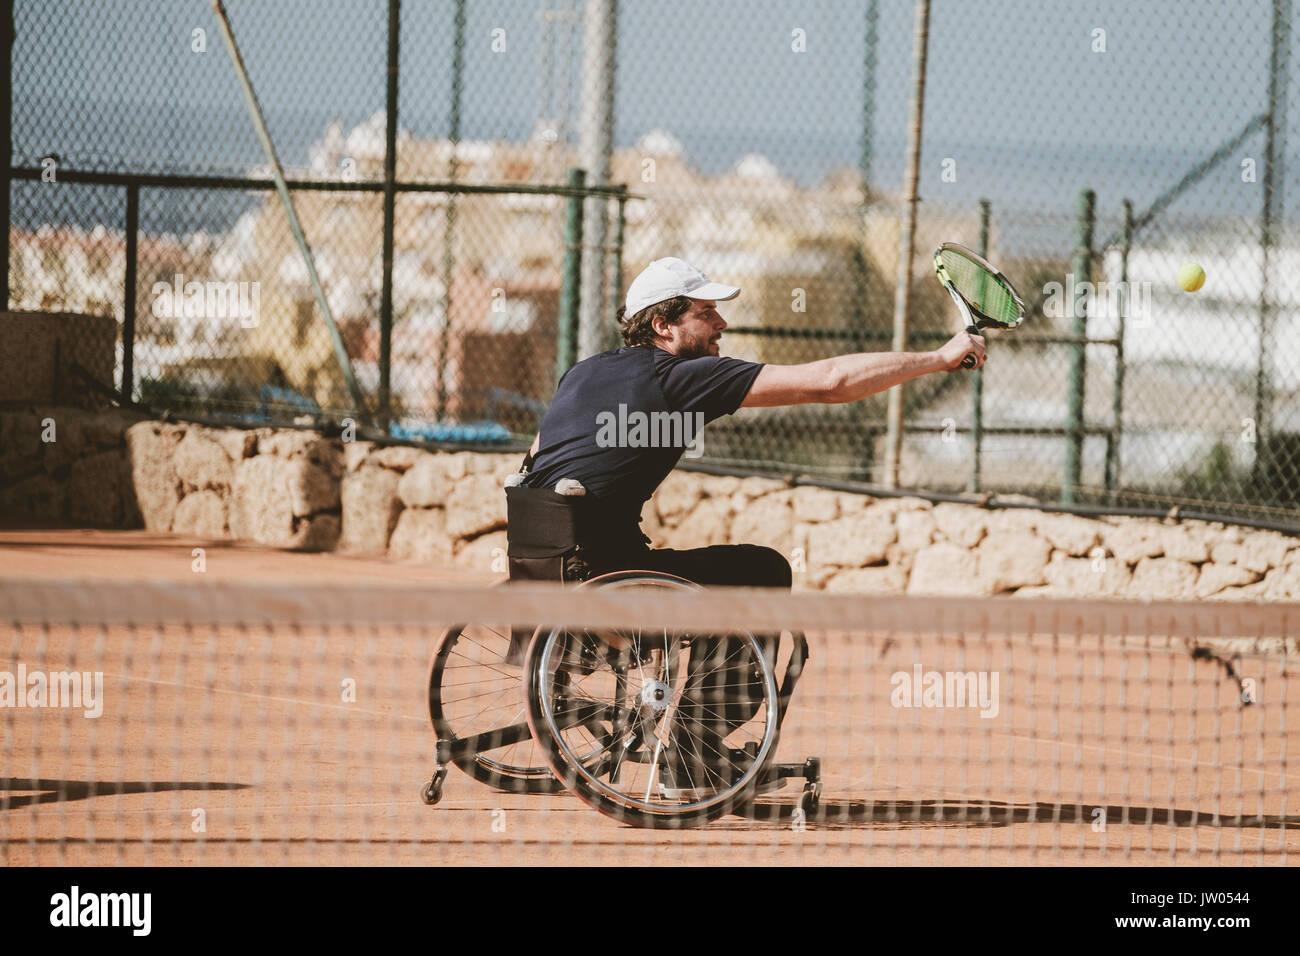 Milieu joueur de tennis paralympique autrichien adultes jouant sur un court de tennis Banque D'Images